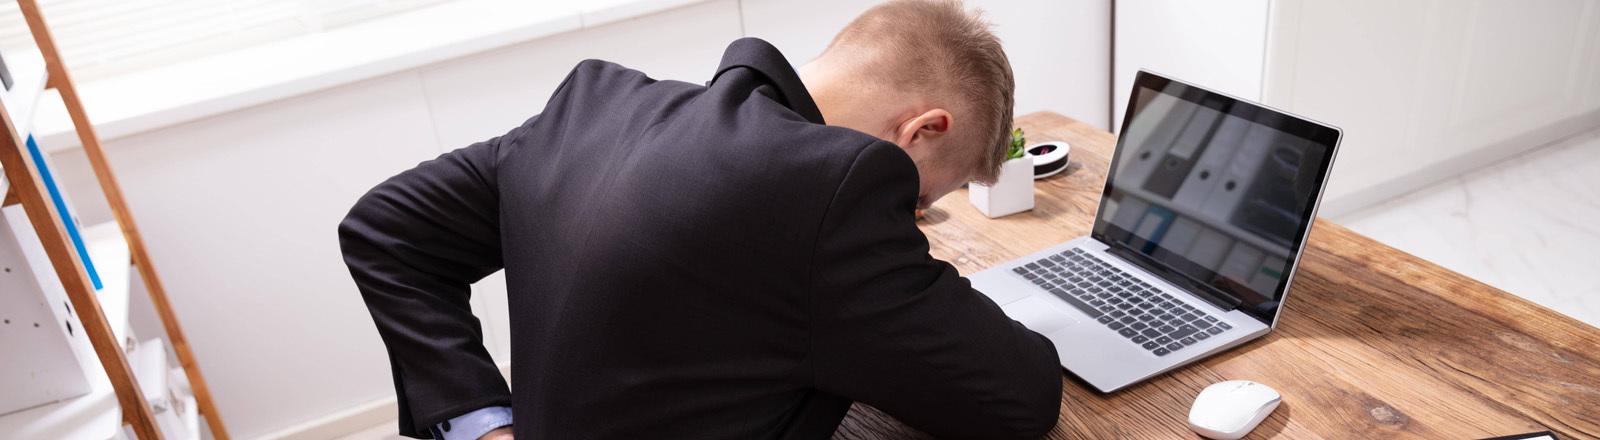 Ein Mann, der am Schreibtisch sitzt, hält sich den unteren Rücken